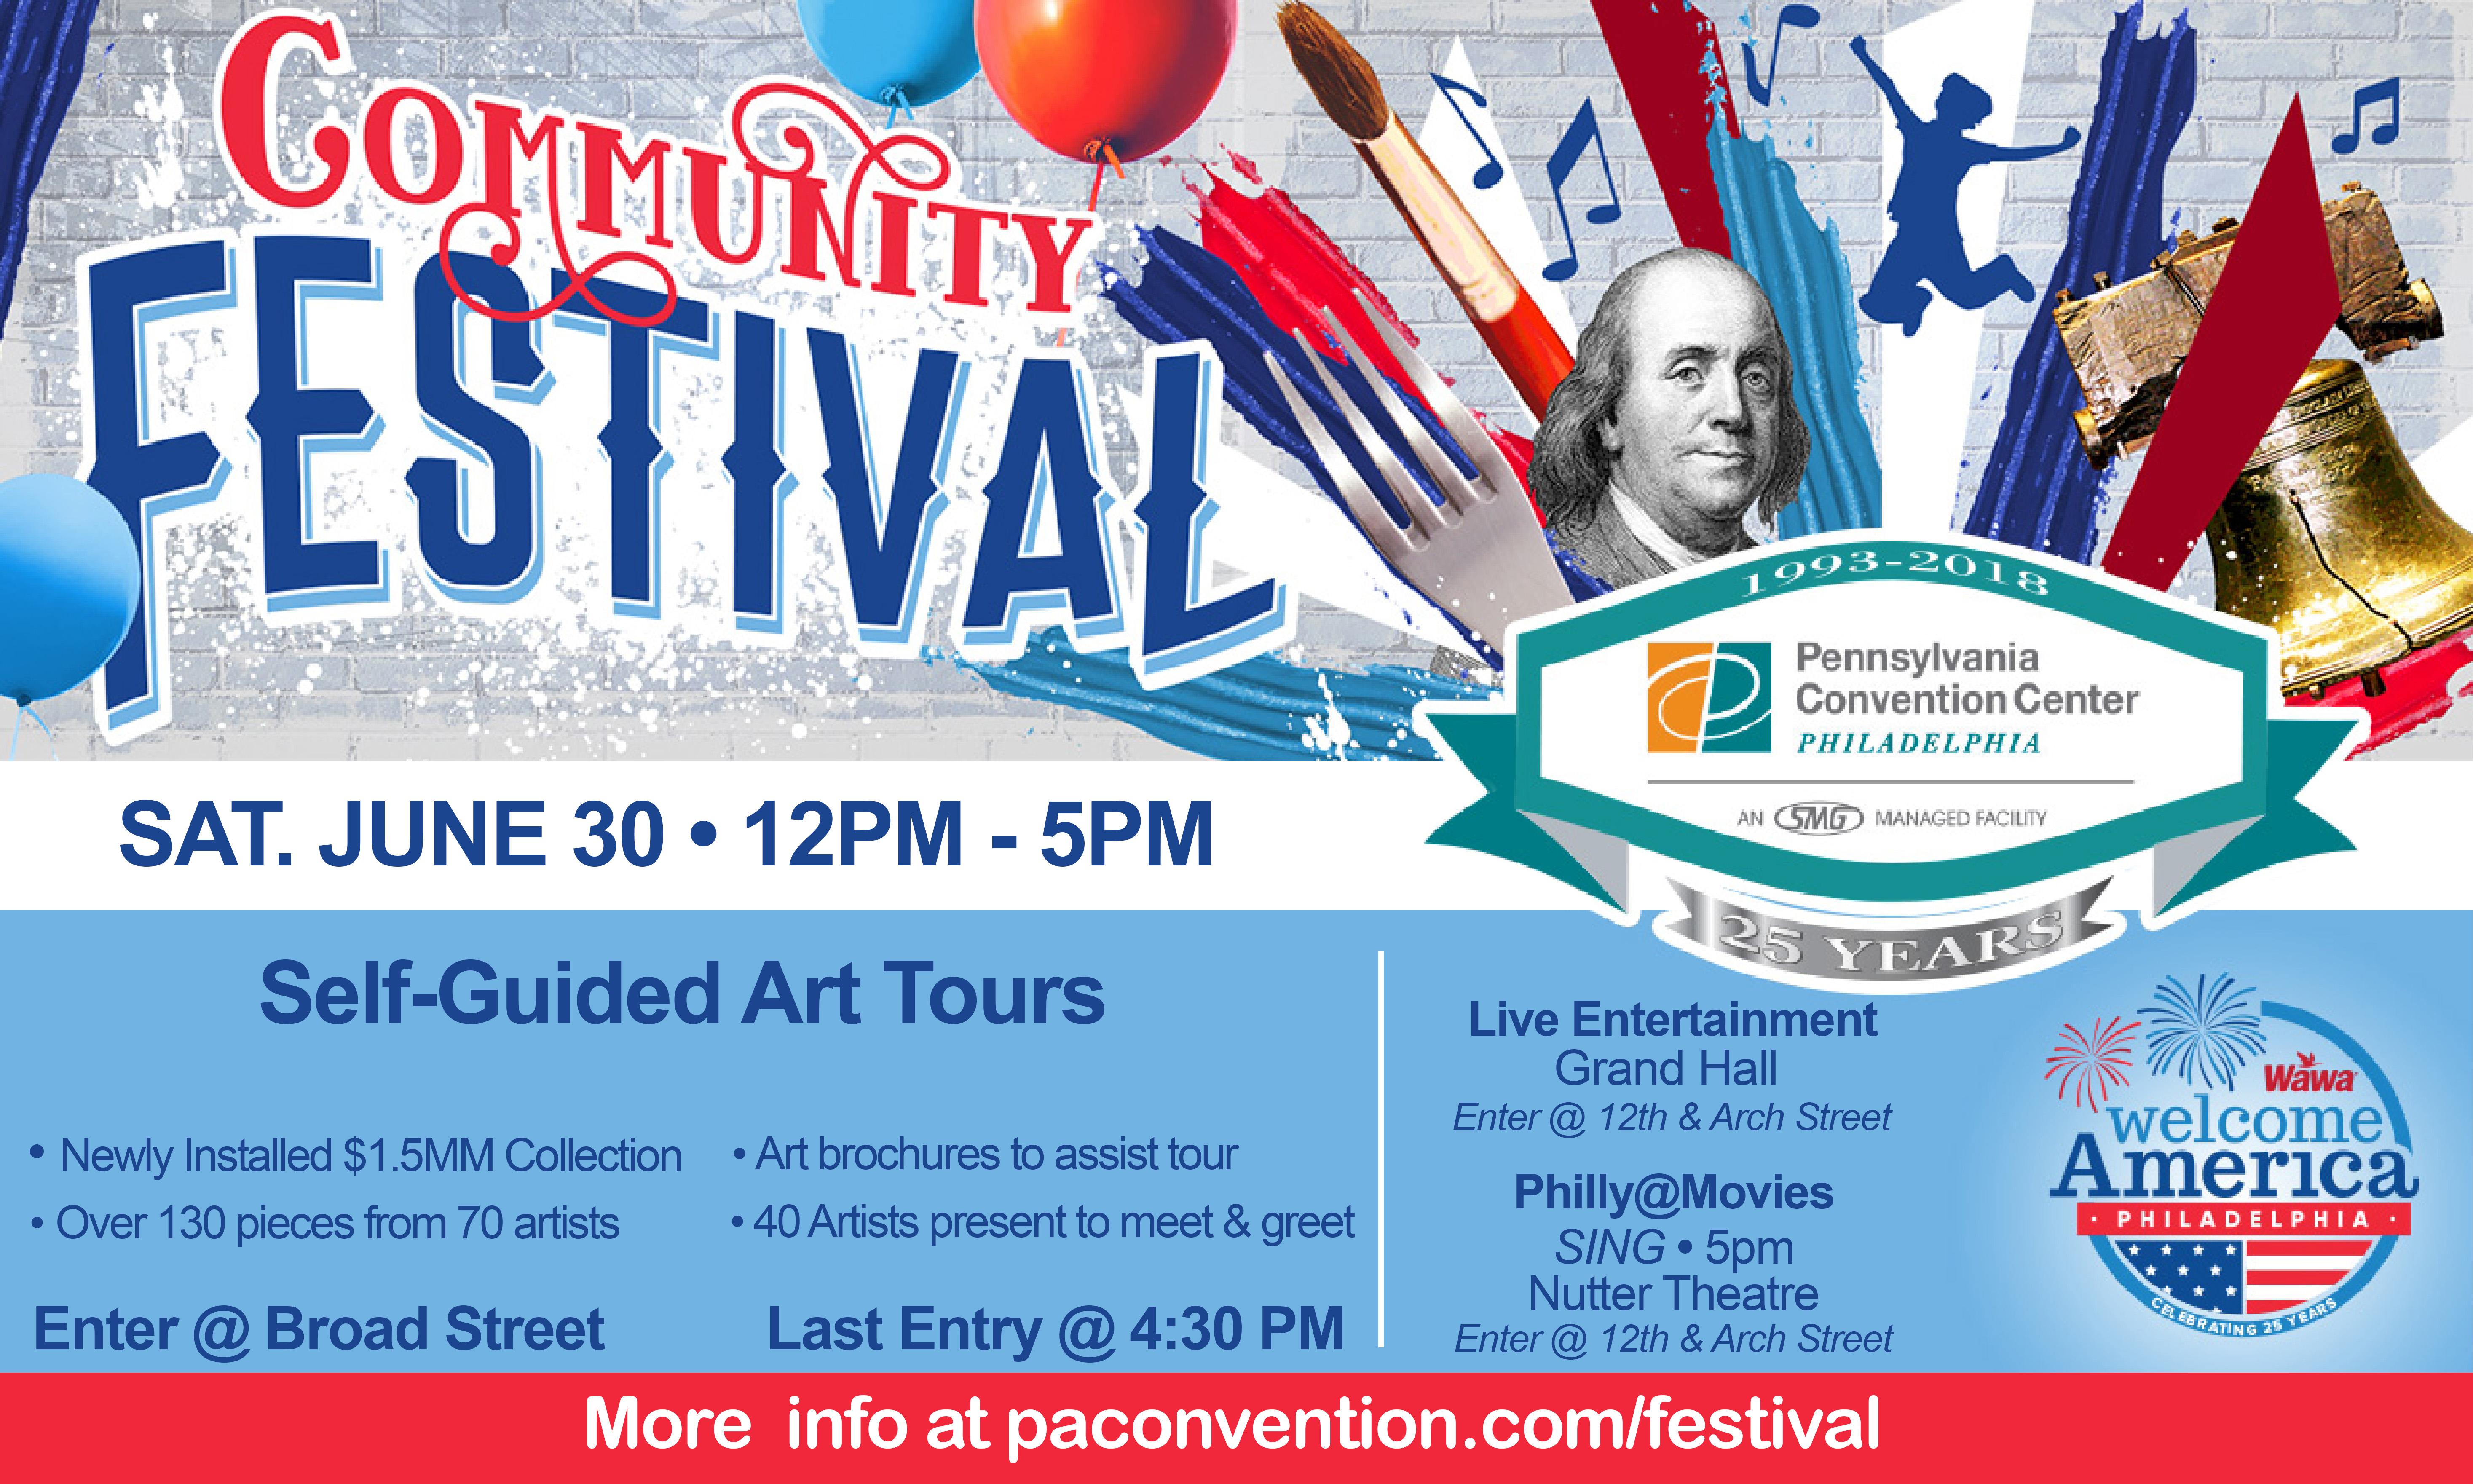 CC PACC June 30th West Wing Art Tours Ad_festival